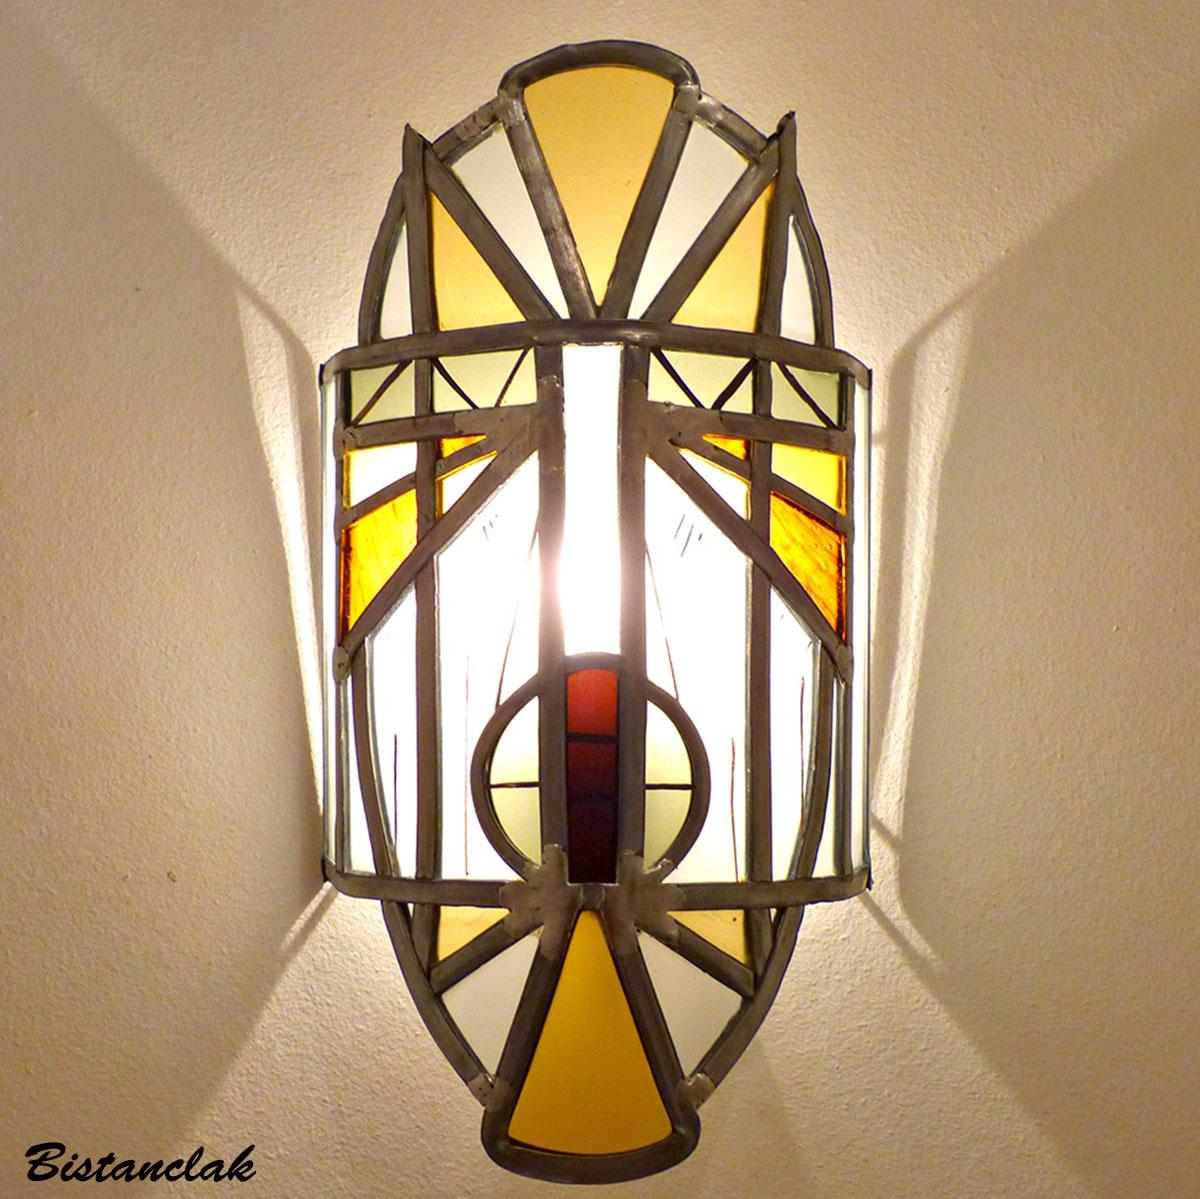 Applique masque vitrail jaune